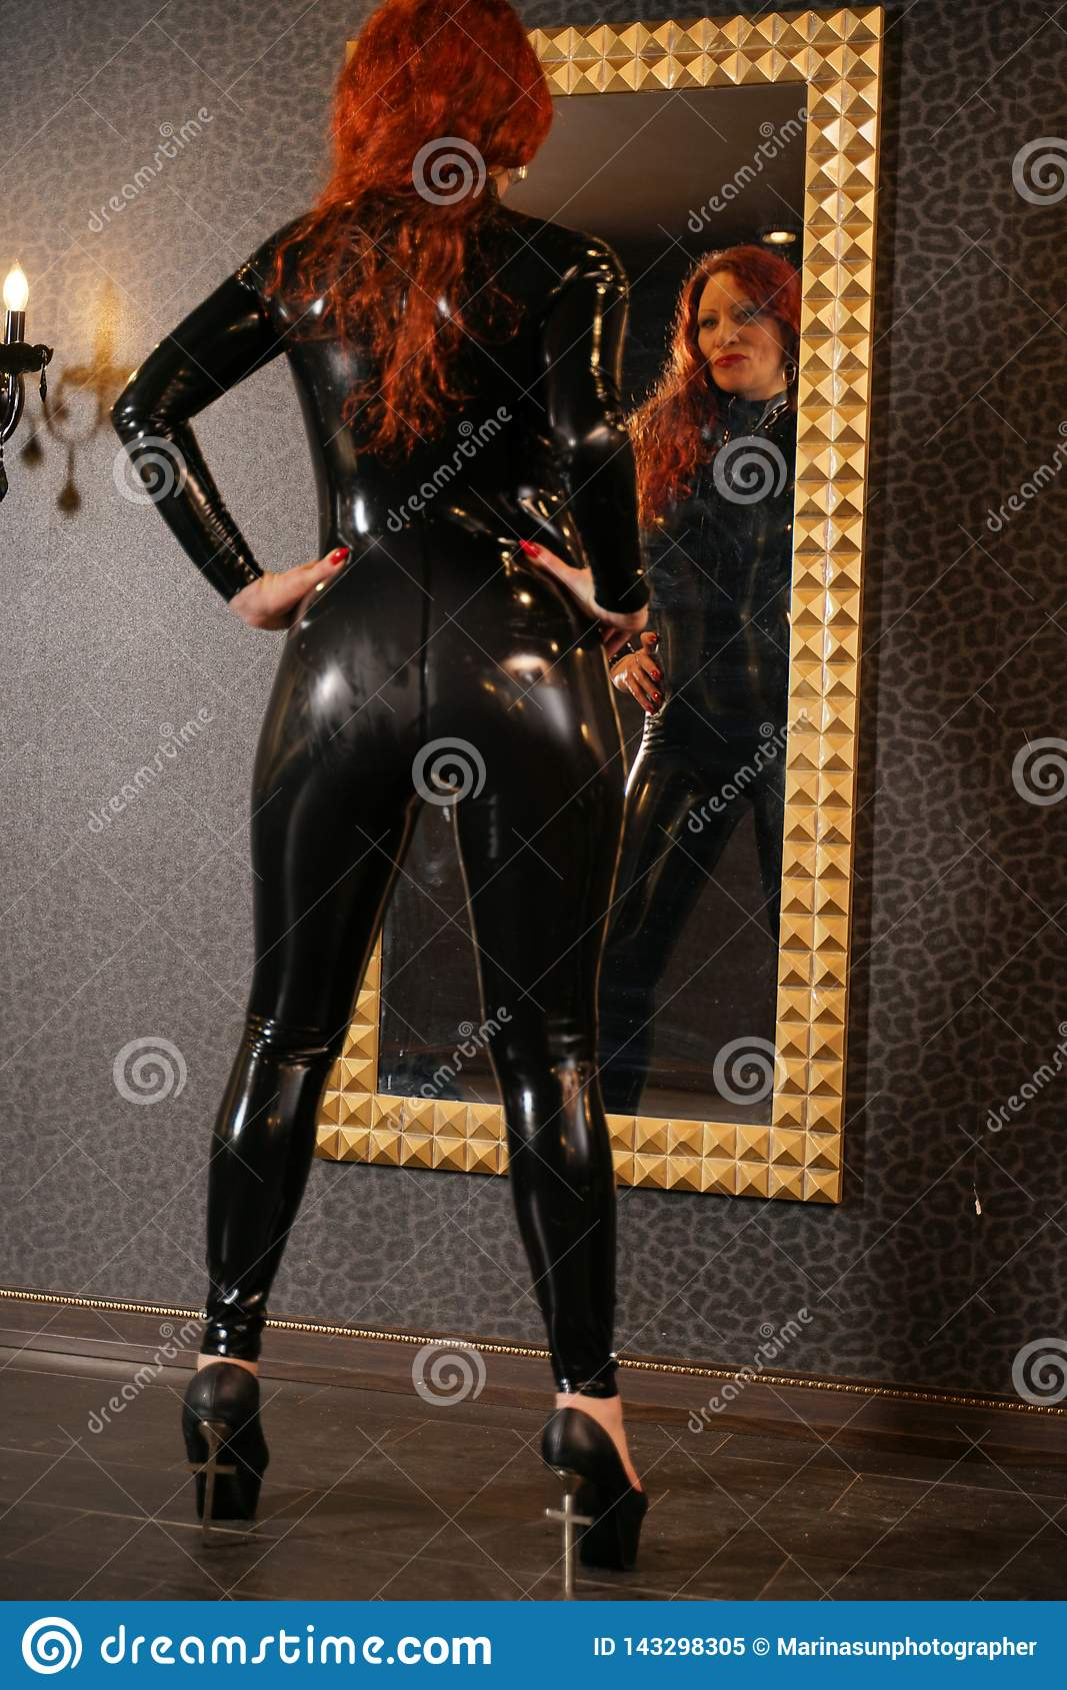 Sexuelle Fetischrothaarigefrau, die schwarzes Latex catsuit trägt und den Spiegel in der Dunkelkammer betrachtet